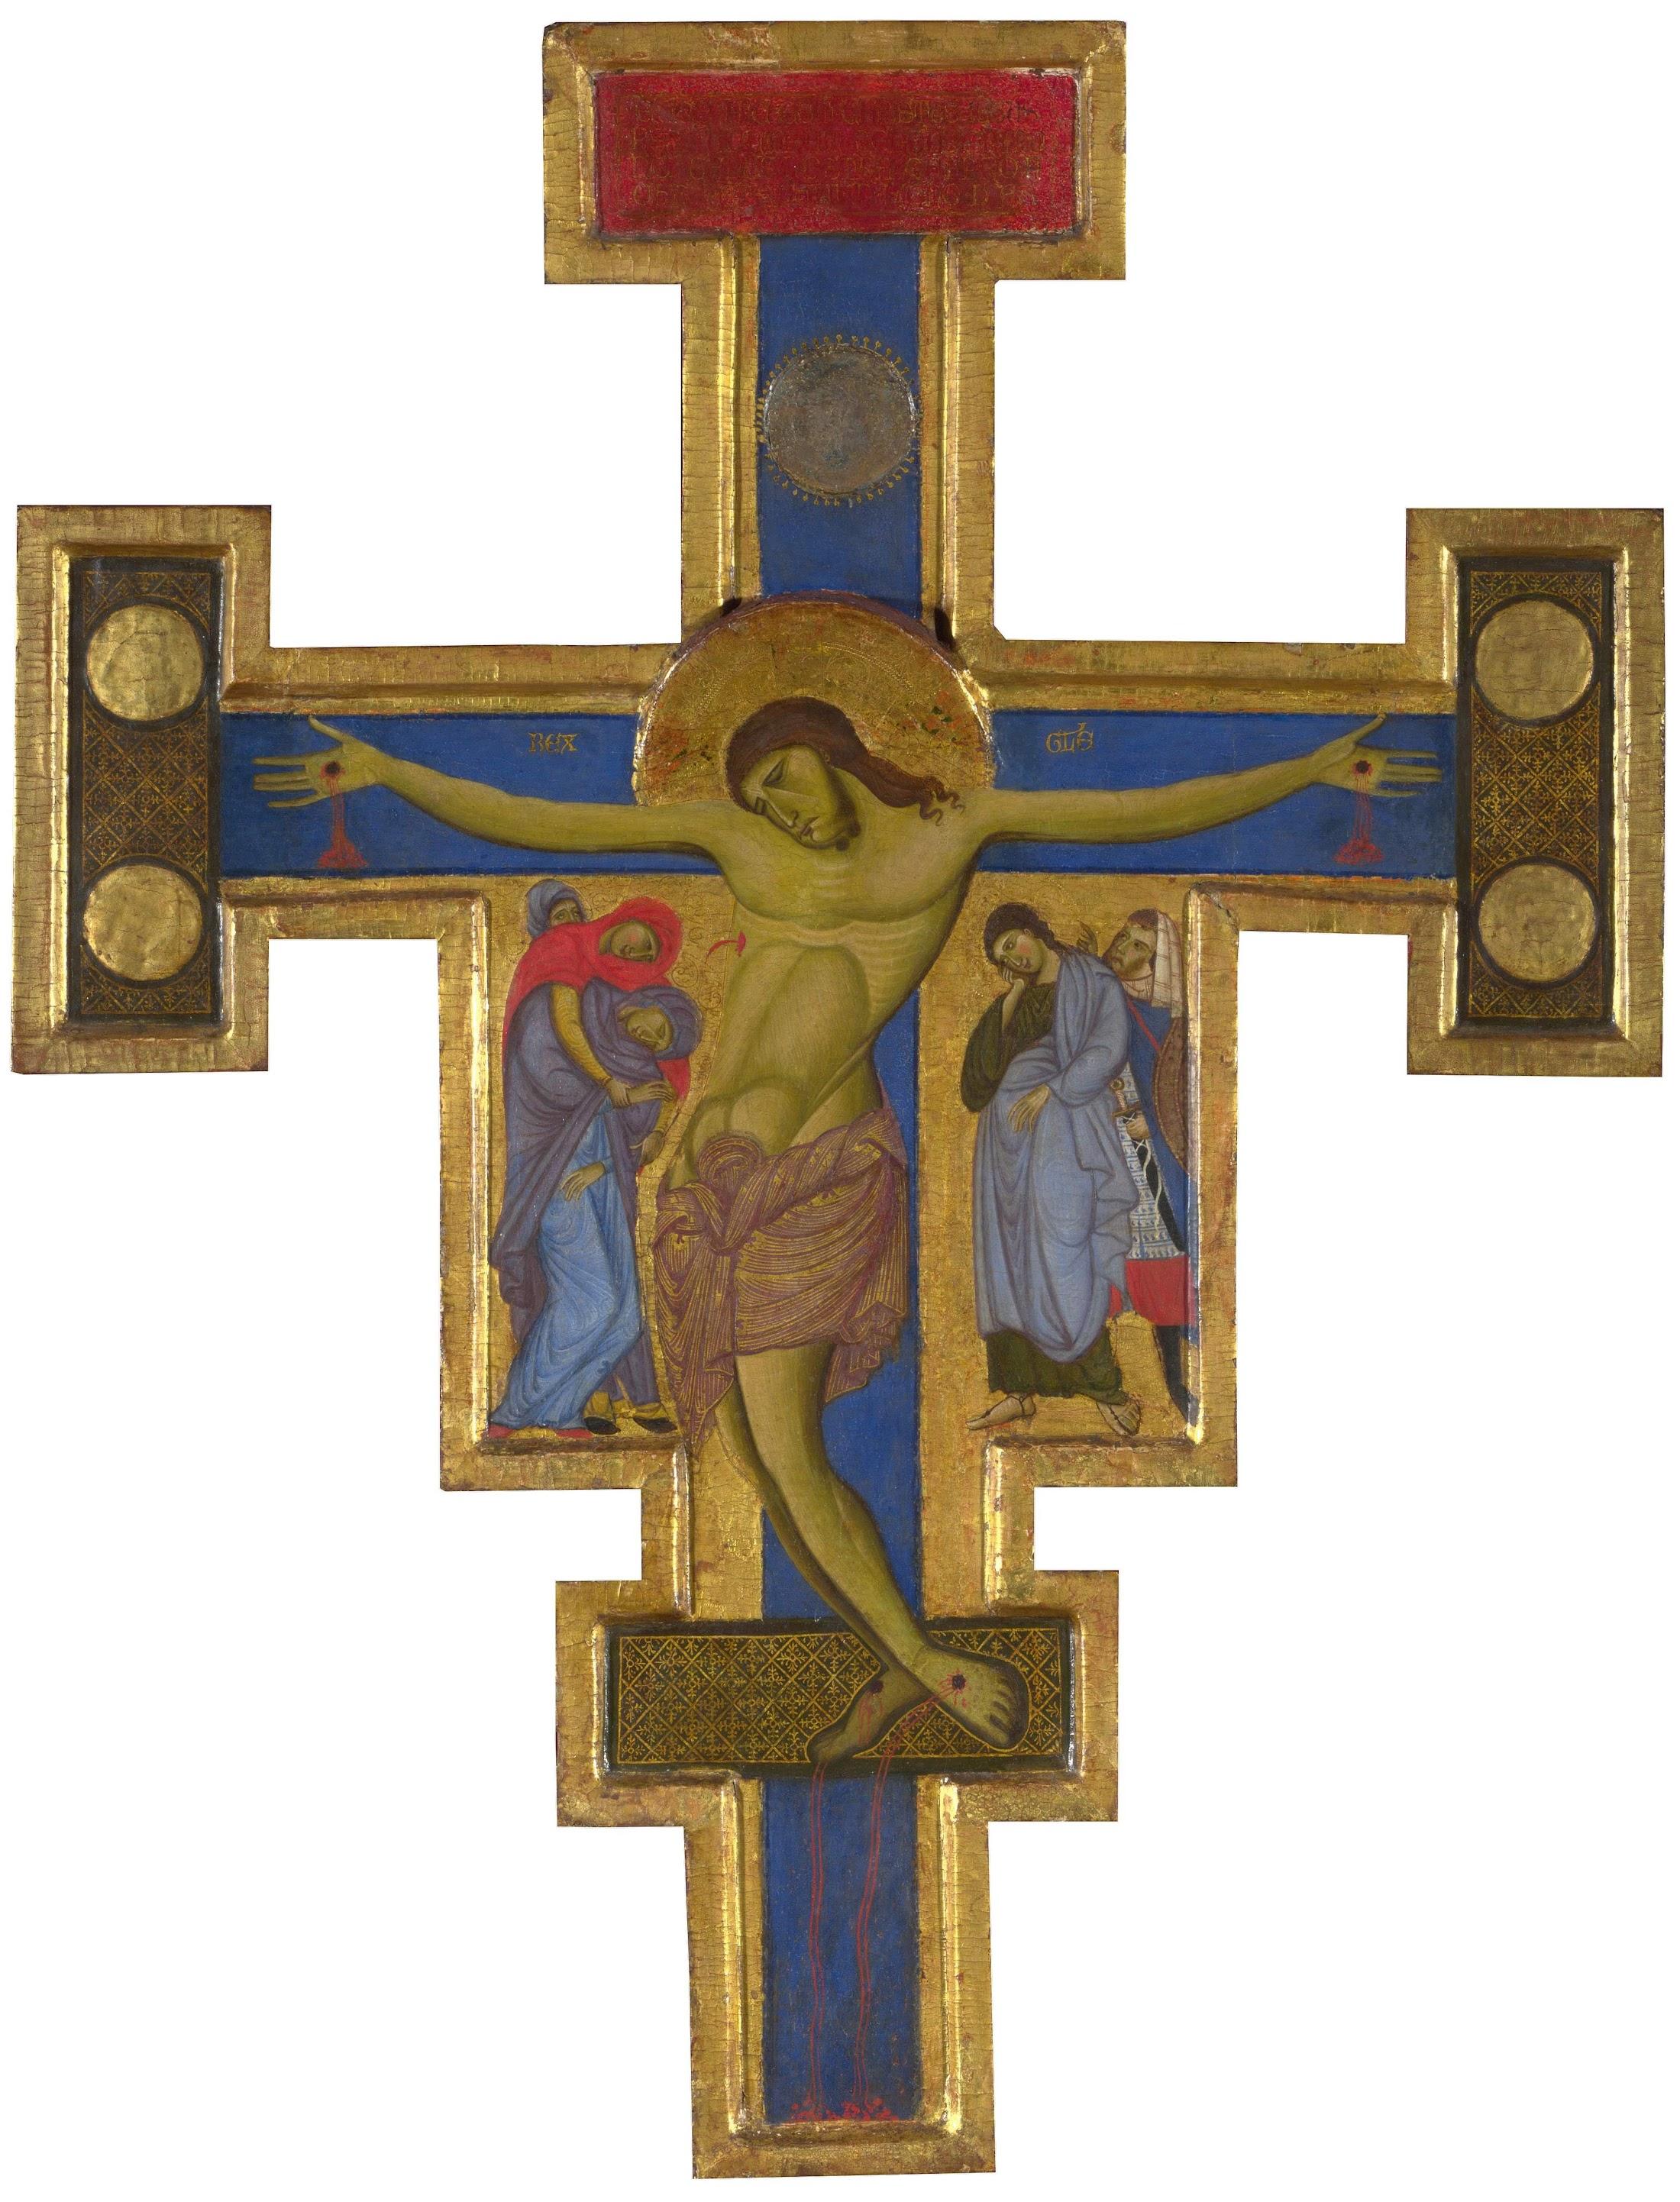 Crocifisso di Londra del Maestro di San Francesco, 1272-1285 circa, tempera e oro su tavola, 92,1 × 71 cm, National Gallery, Londra